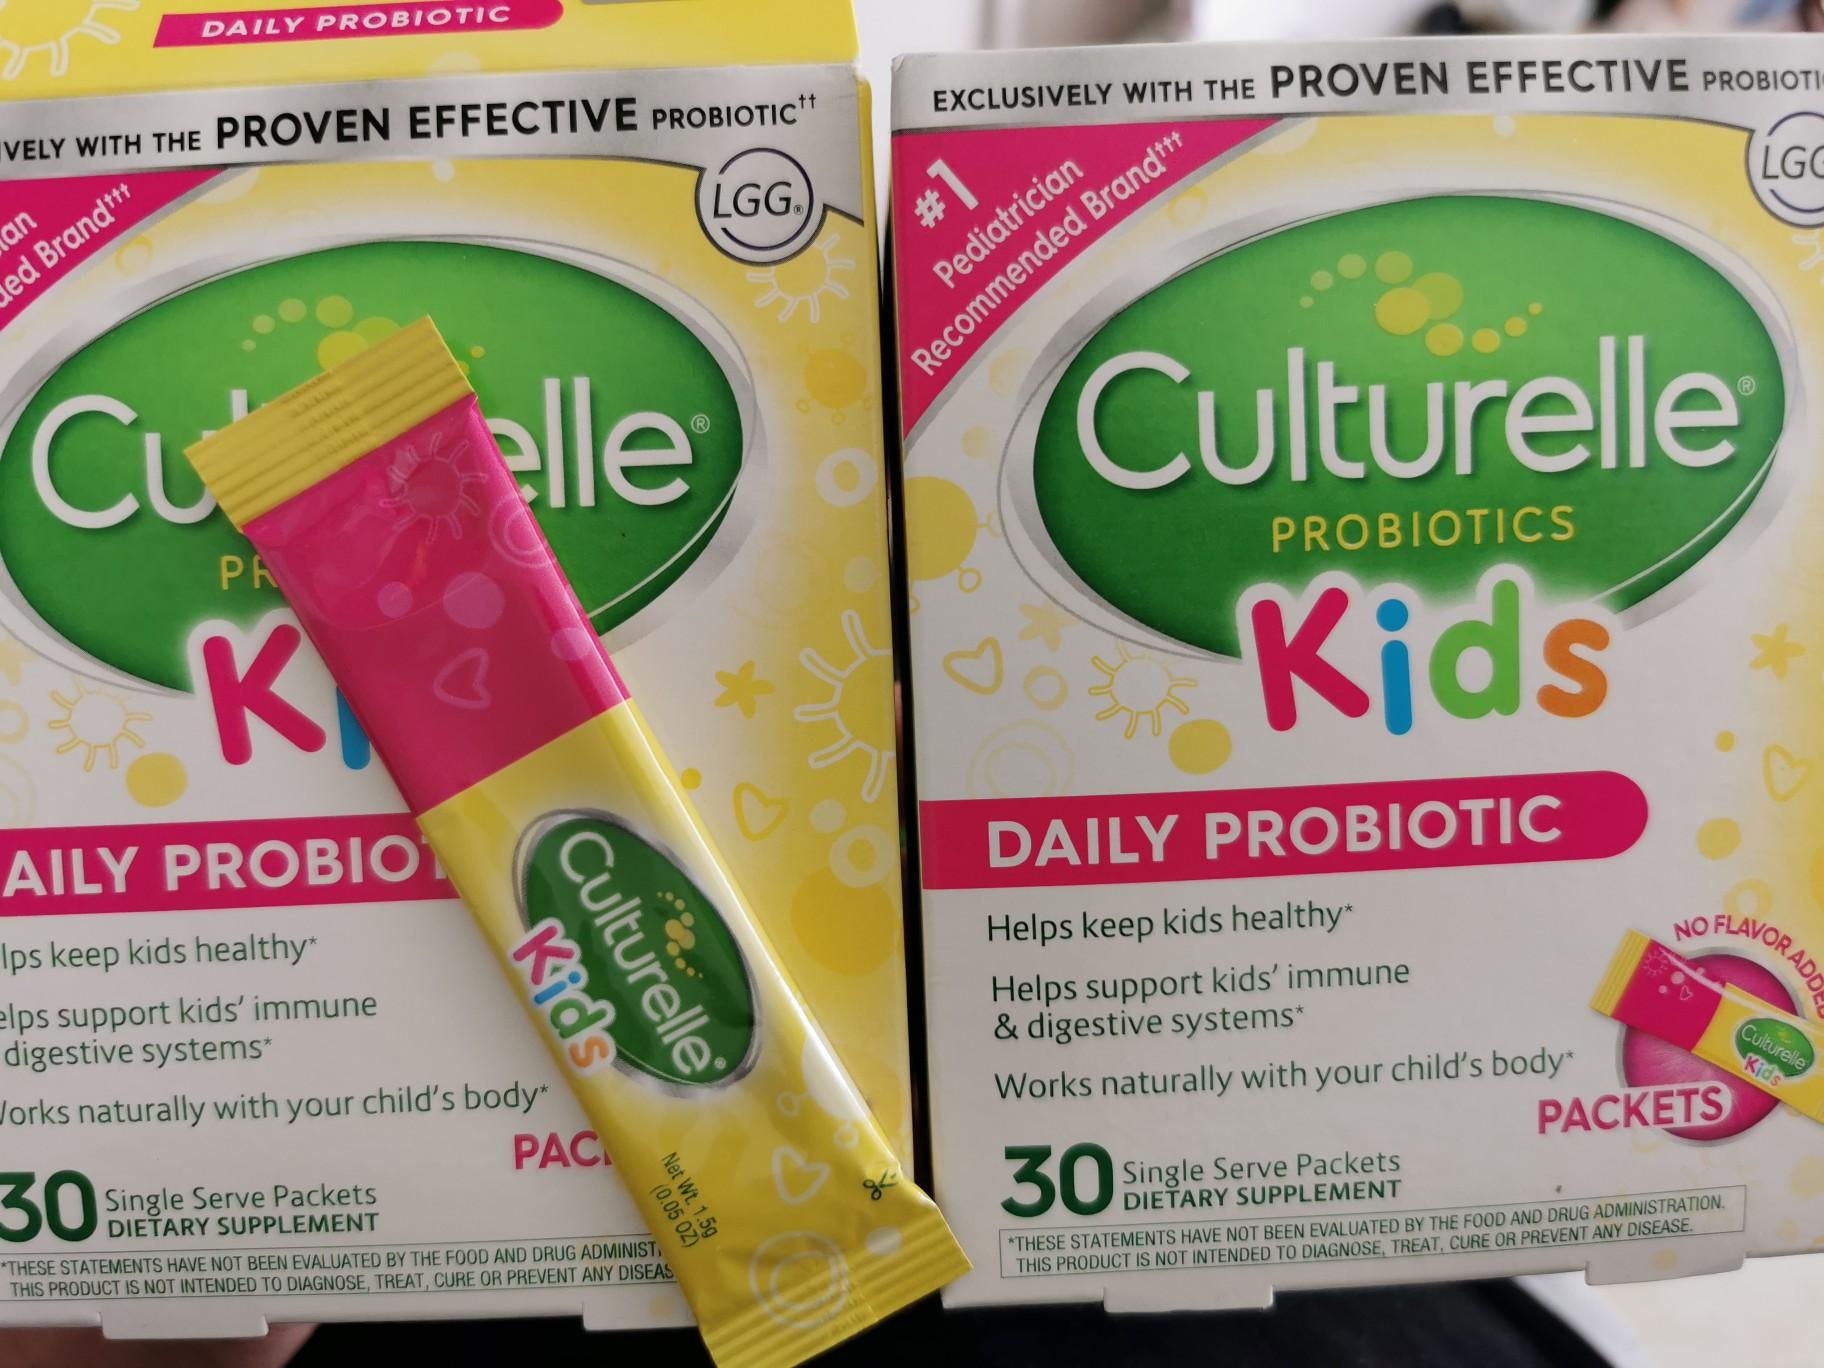 康萃乐美国儿童粉剂怎么样?康萃乐粉剂和片剂哪个好?有谁用过?